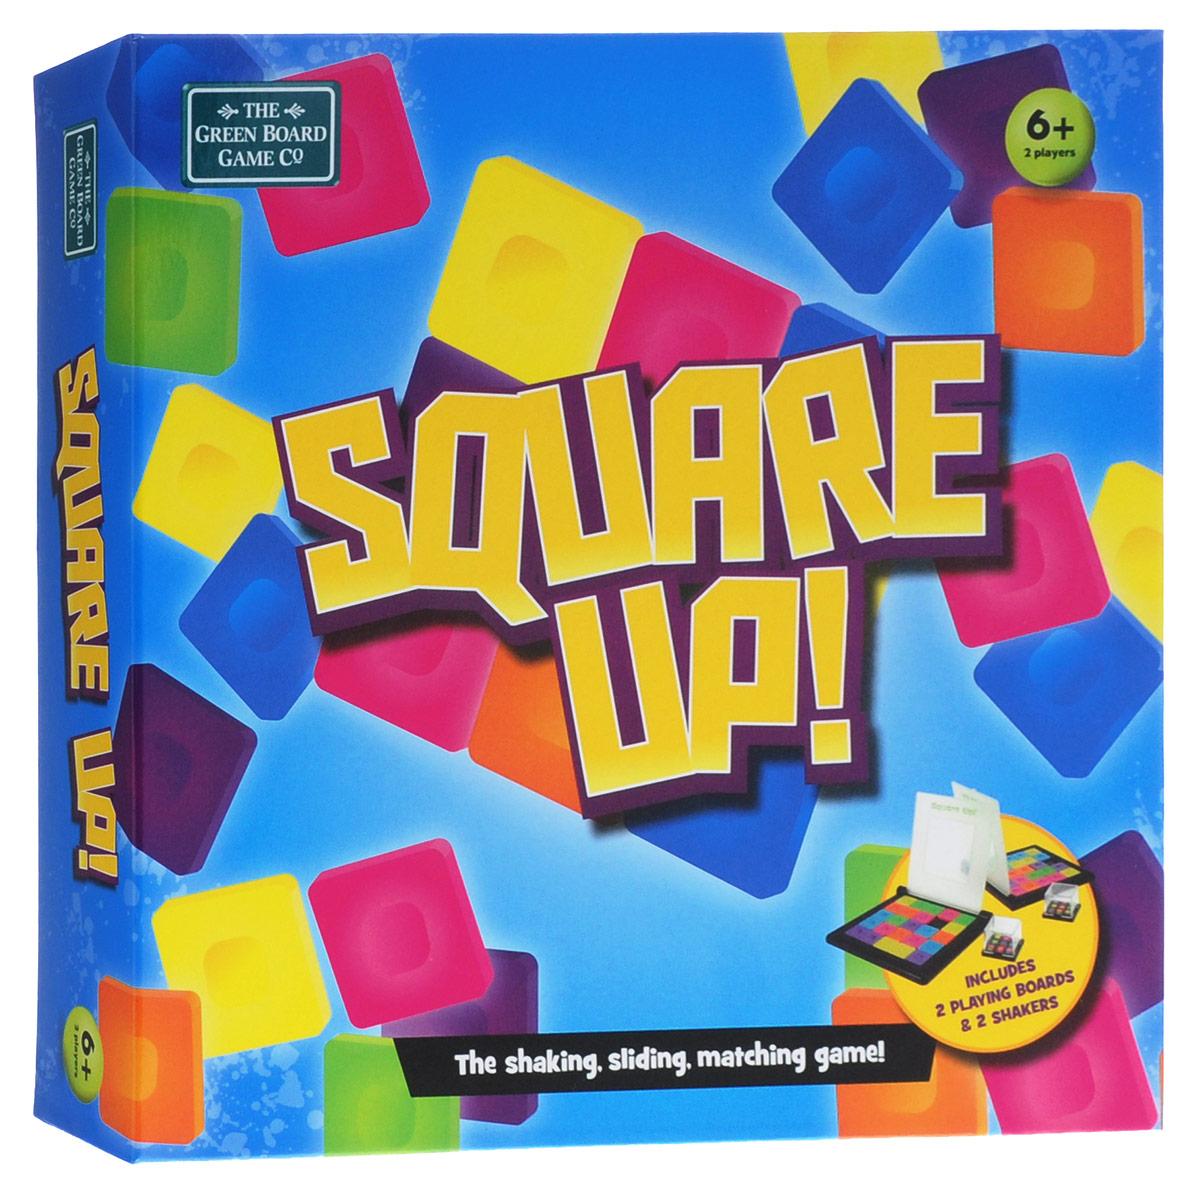 The Green Board Game Co Настольная игра Square Up!20007Настольная игра The Green Board Game Co Square Up! - игра, для которой нужно знание иностранного языка, игра представлена на английском языке. Это головоломка для двух человек, где вы наперегонки собираете правильную последовательность цветных квадратиков на индивидуальном игровом поле. Цель игры: как можно быстрее изобразить сочетание цветов на своем игровом поле, передвигая квадратики в горизонтальном и вертикальном направлении. Квадратики нельзя поднимать, а можно только передвигать! Игра состоит из двух полей и двух кубиков. Каждое поле имеет по 25 плоских квадратов разных цветов, а каждый кубик состоит из 9 маленьких кубиков с разноцветными поверхностями. Перед игрой, каждый встряхивает свой кубик и передает его другому игроку. Из этих кубиков образуется цветное поле. Кто быстрее справится с задачей, тот станет победителем. Игровое поле и кубики выполнены из пластика.